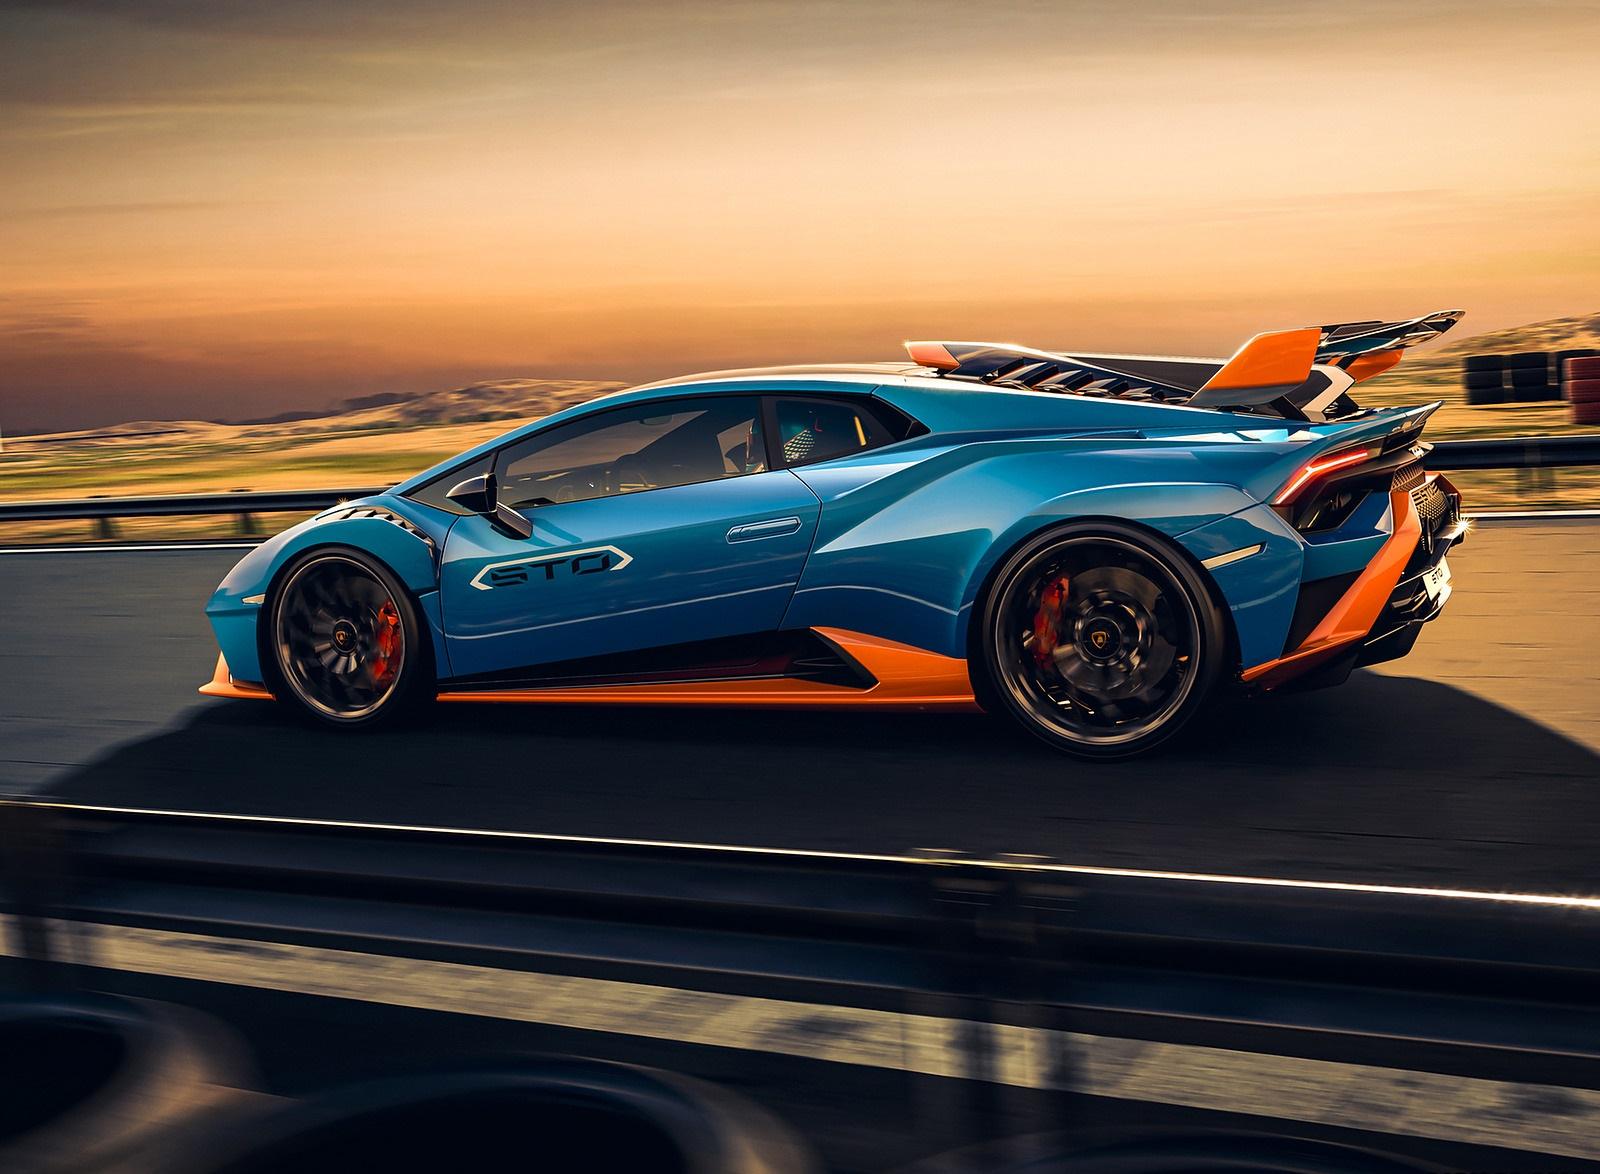 2021 Lamborghini Huracán STO Side Wallpapers (6)